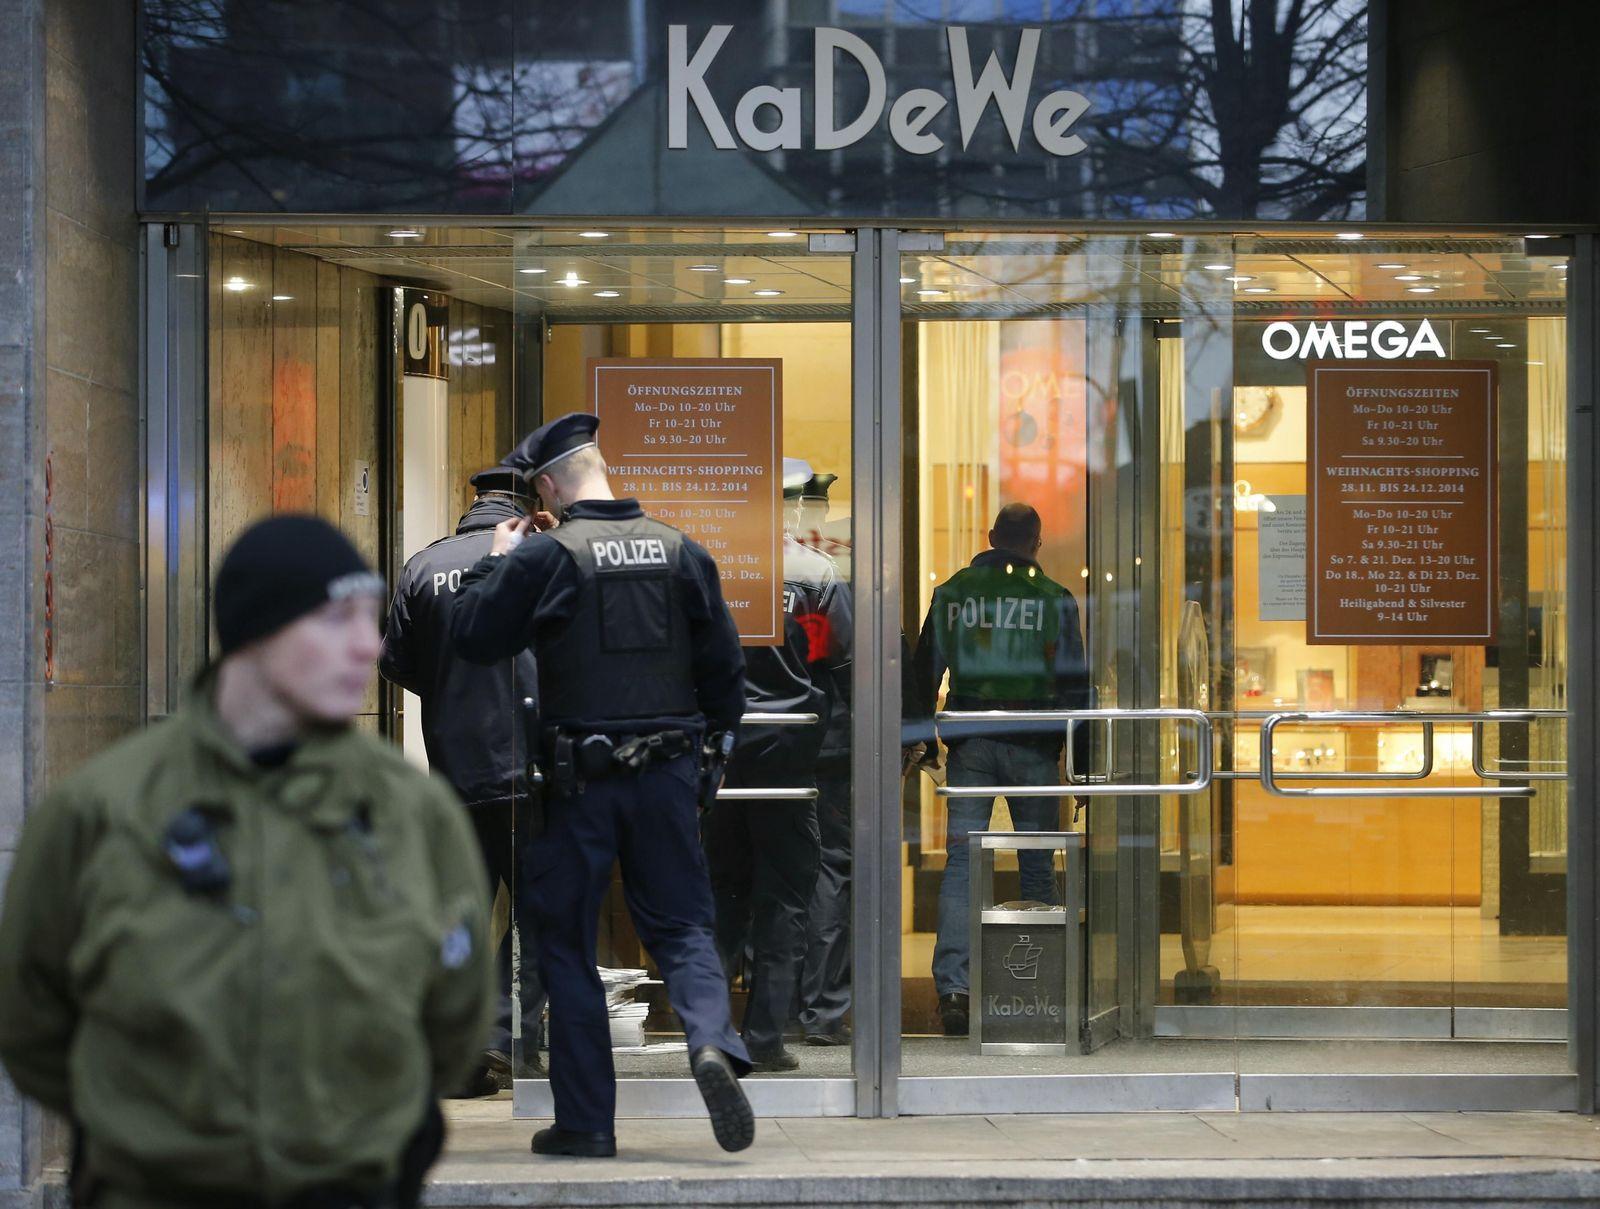 KaDeWe/ Überfall